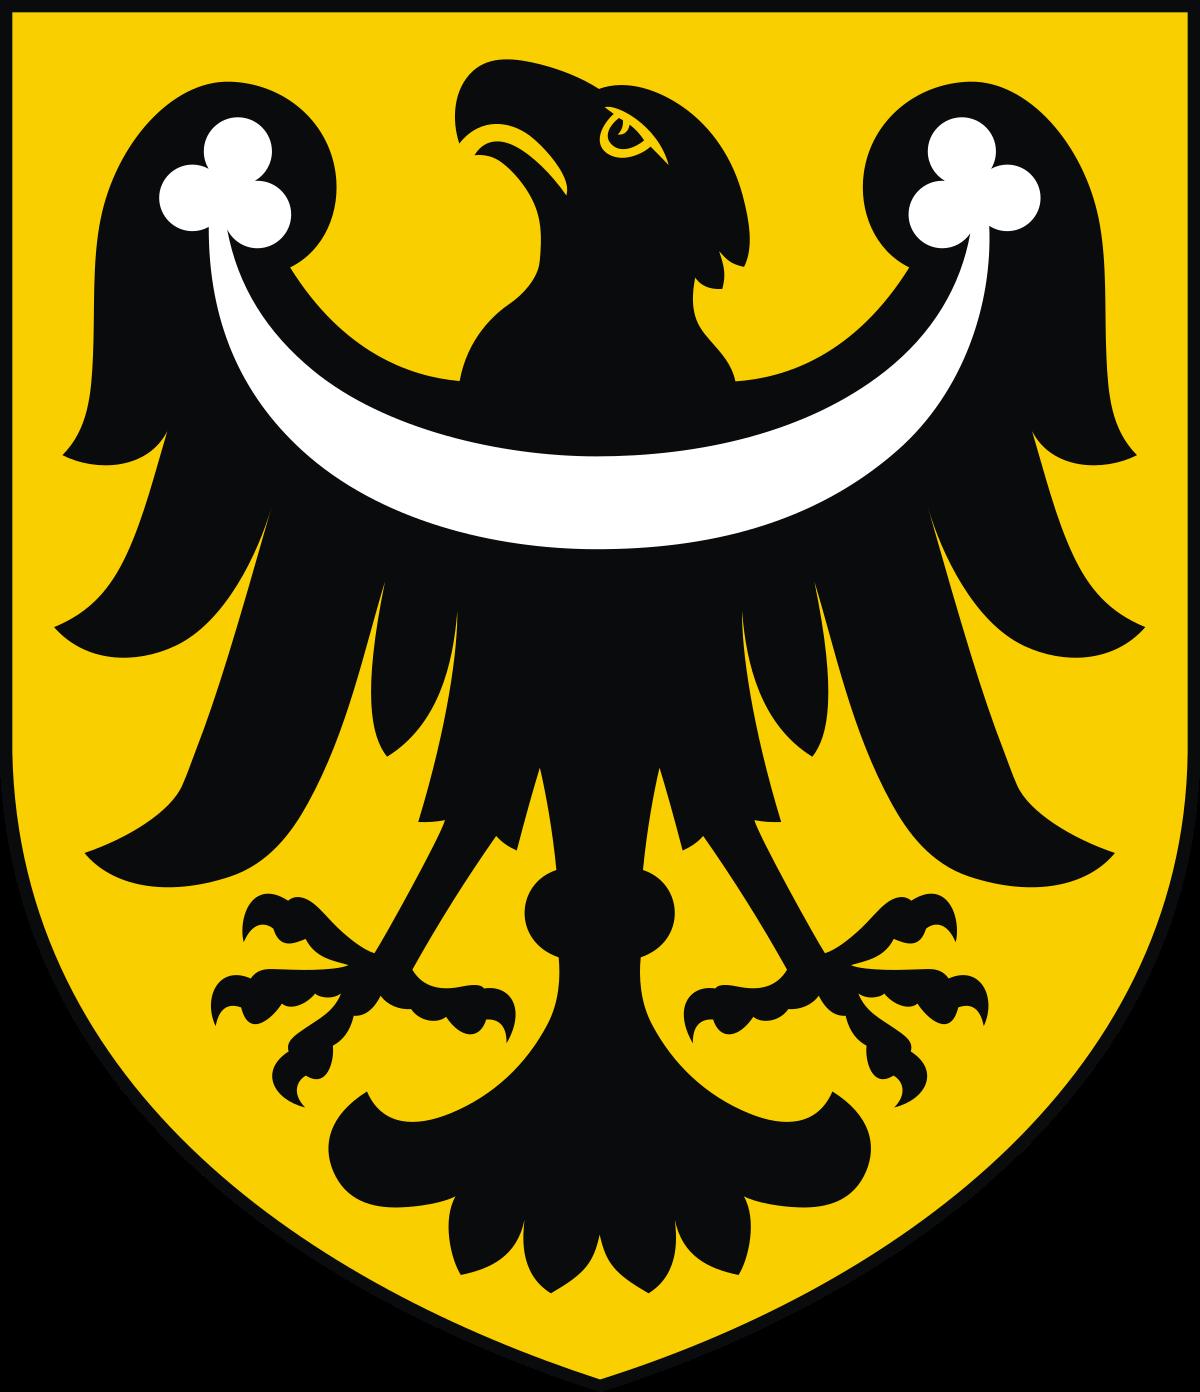 brzeski_(województwo_opolskie)